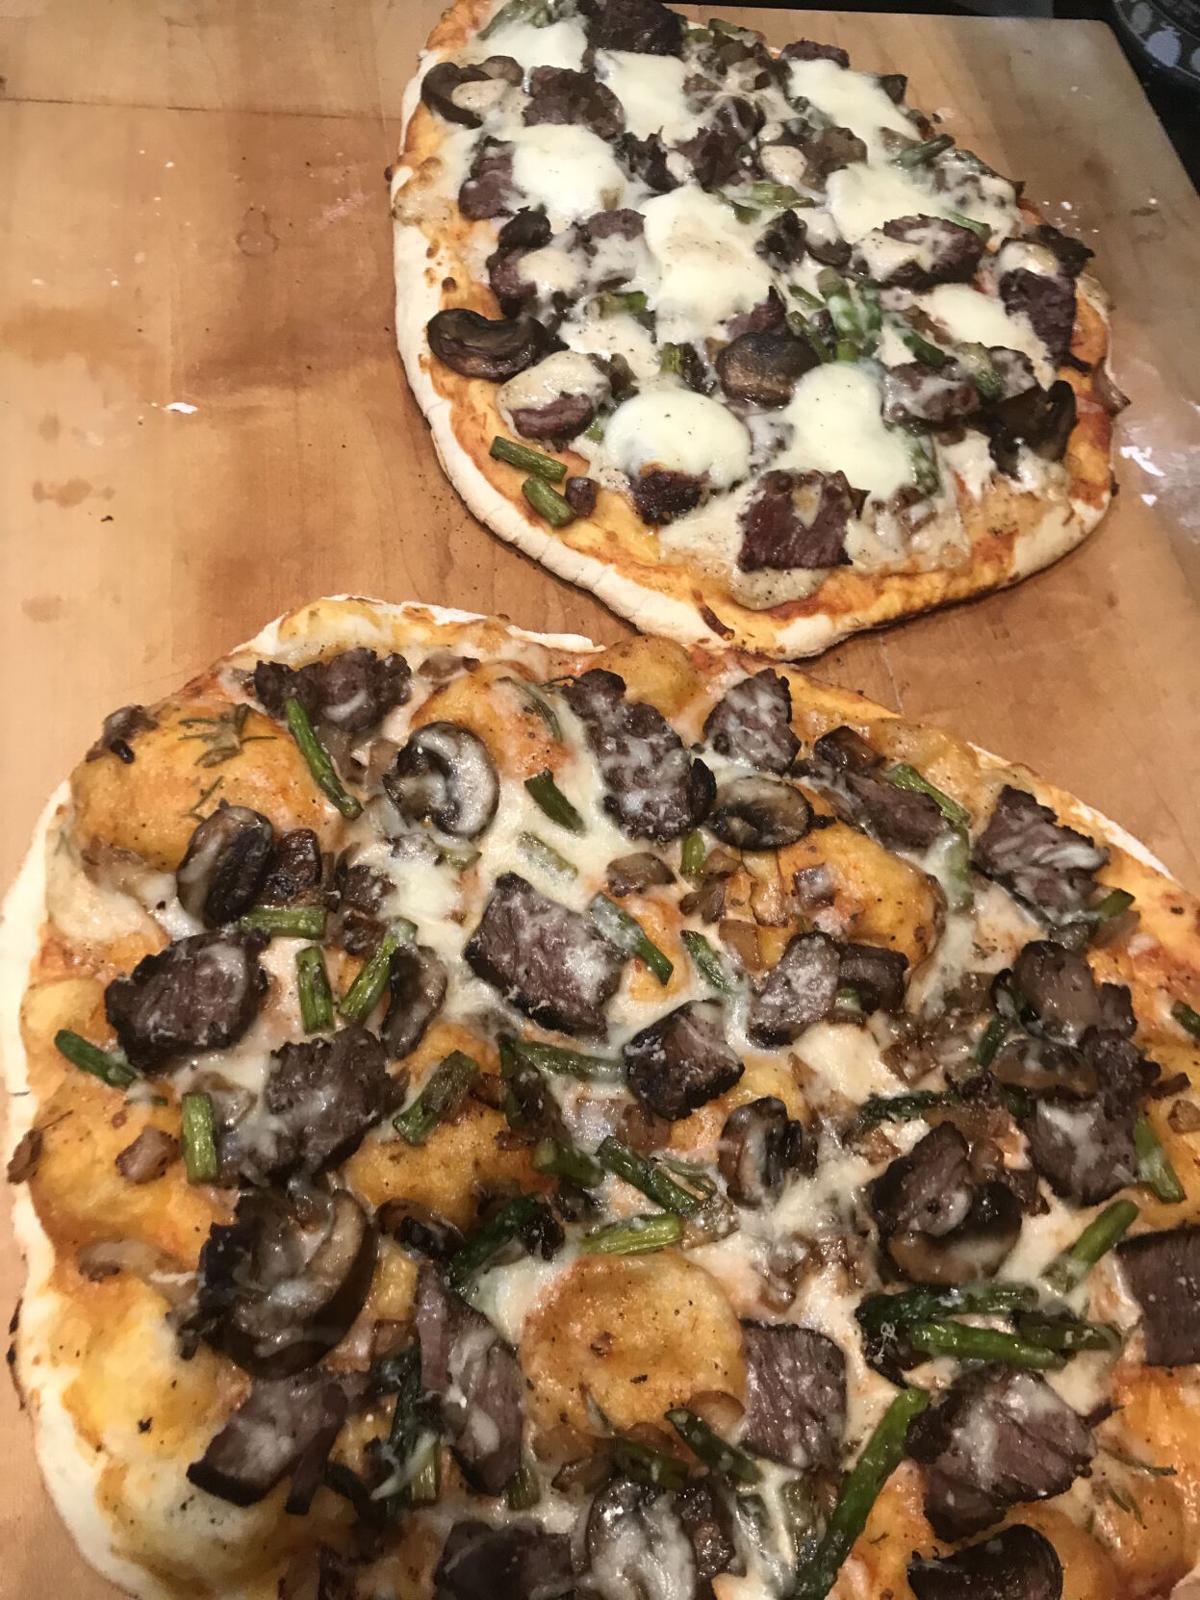 Beef tenderloin pizza